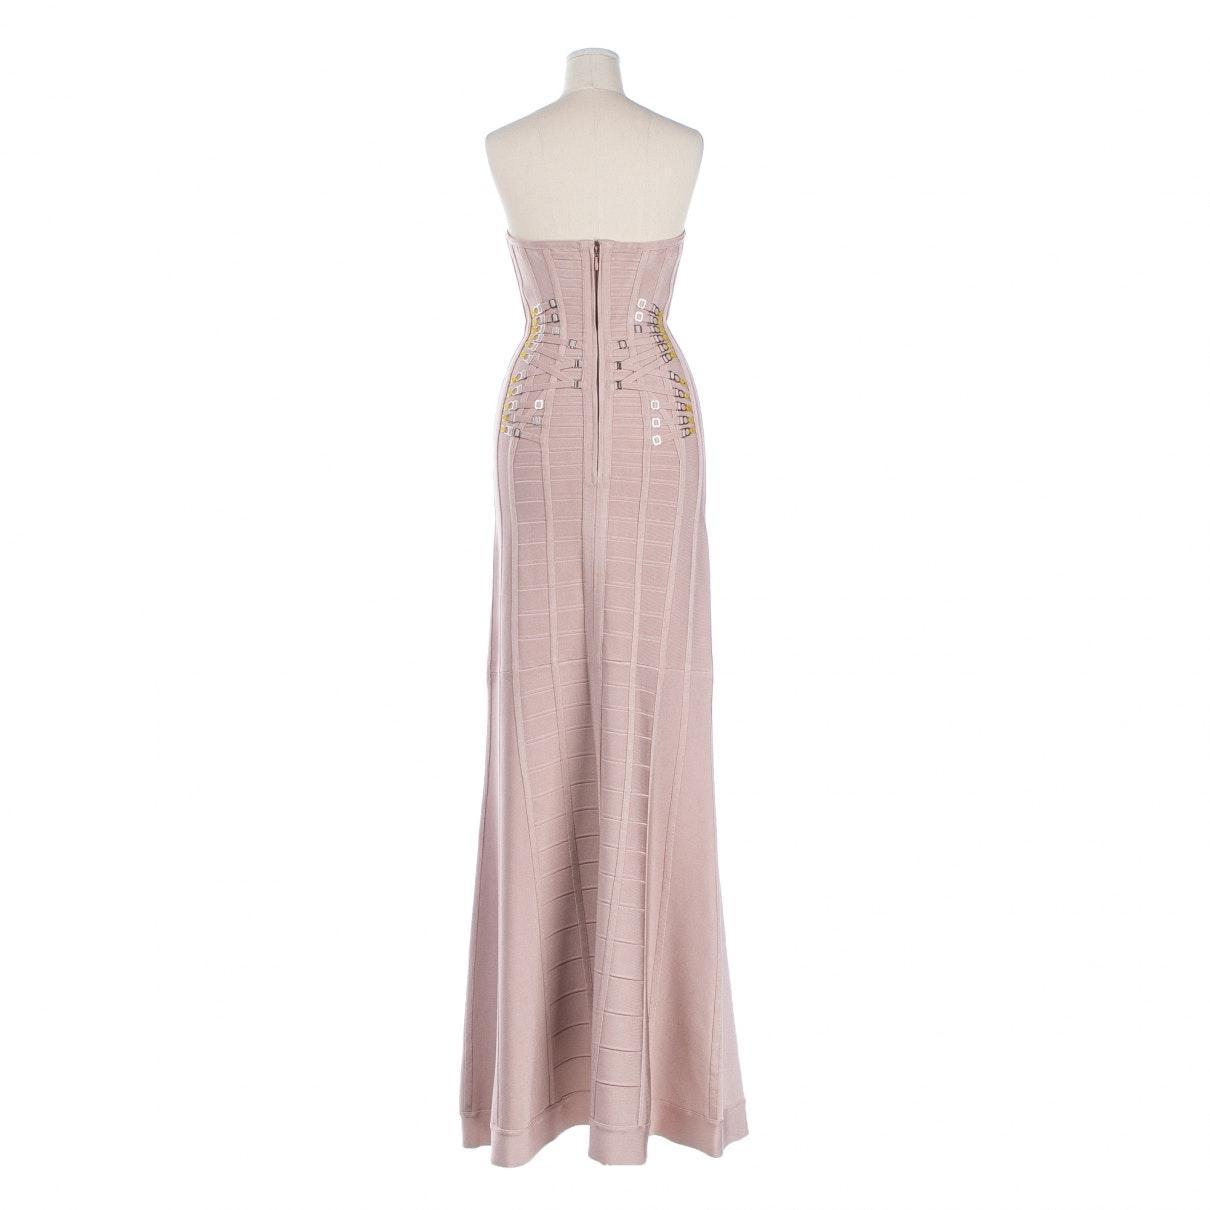 Vestido en sintético rosa Hervé Léger de color Rosa